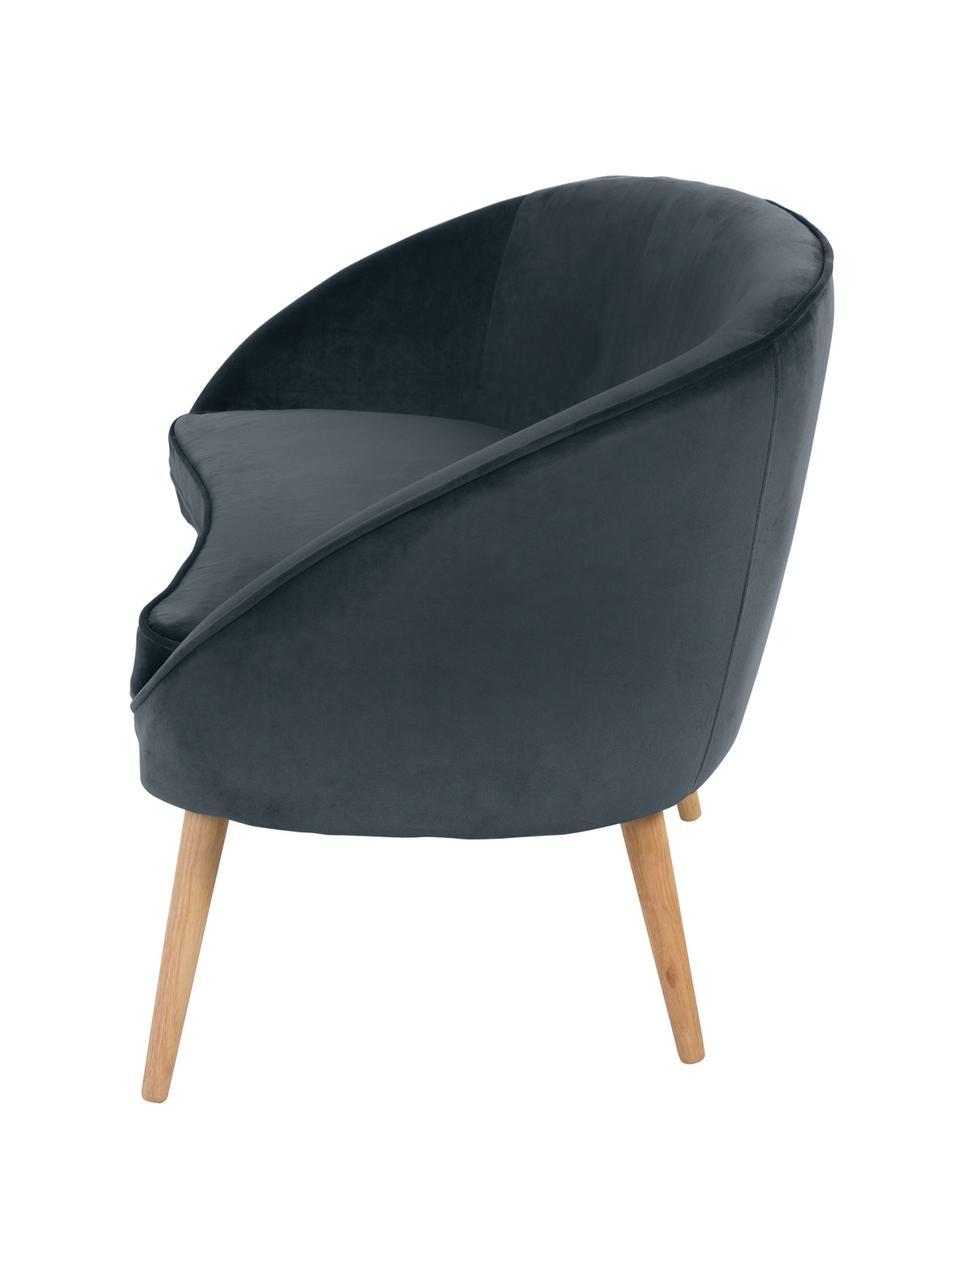 Samt-Sofa Safir (2-Sitzer) in Dunkelgrau mit Holz-Füßen, Bezug: Polyestersamt 50.000 Sche, Beine: Walnussbaumholz, gebeizt, Samt Dunkelgrau, B 136 x T 66 cm